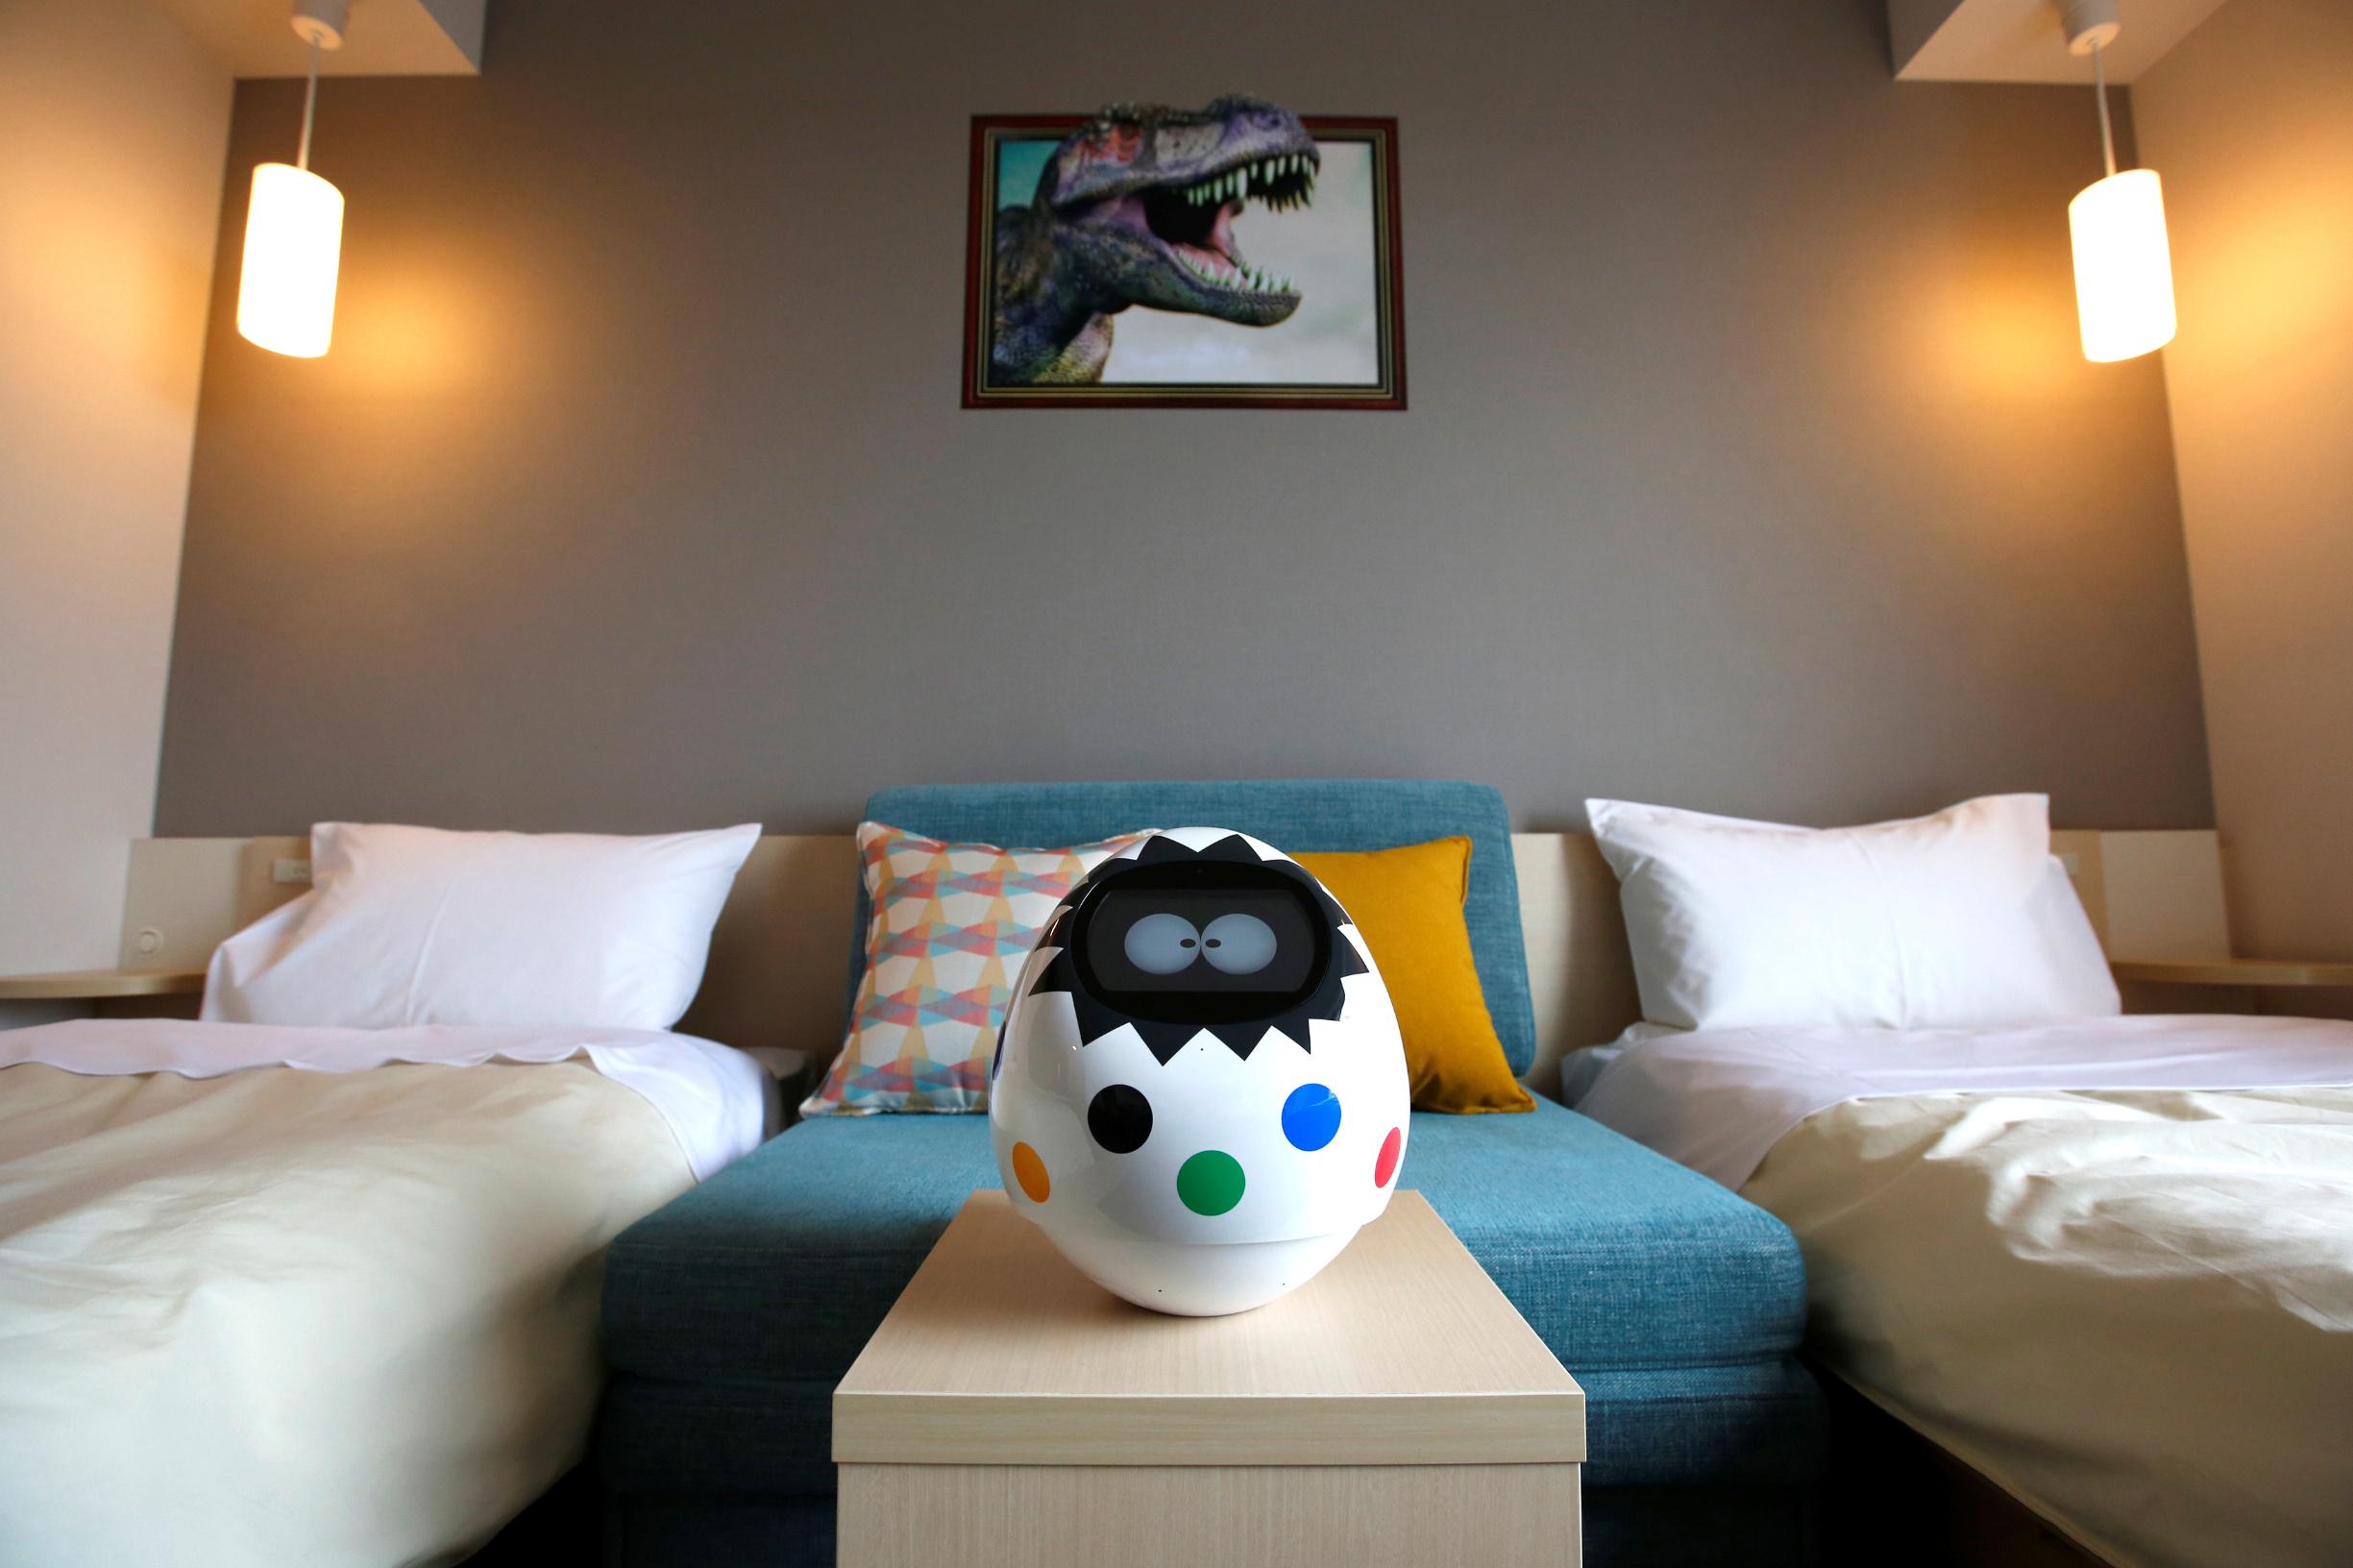 Tapia, robot koji gostima u hotelu Henn na gostima pomaže da glasom kontroliraju uređaje kao što su televizija, klimu i rasvjetu